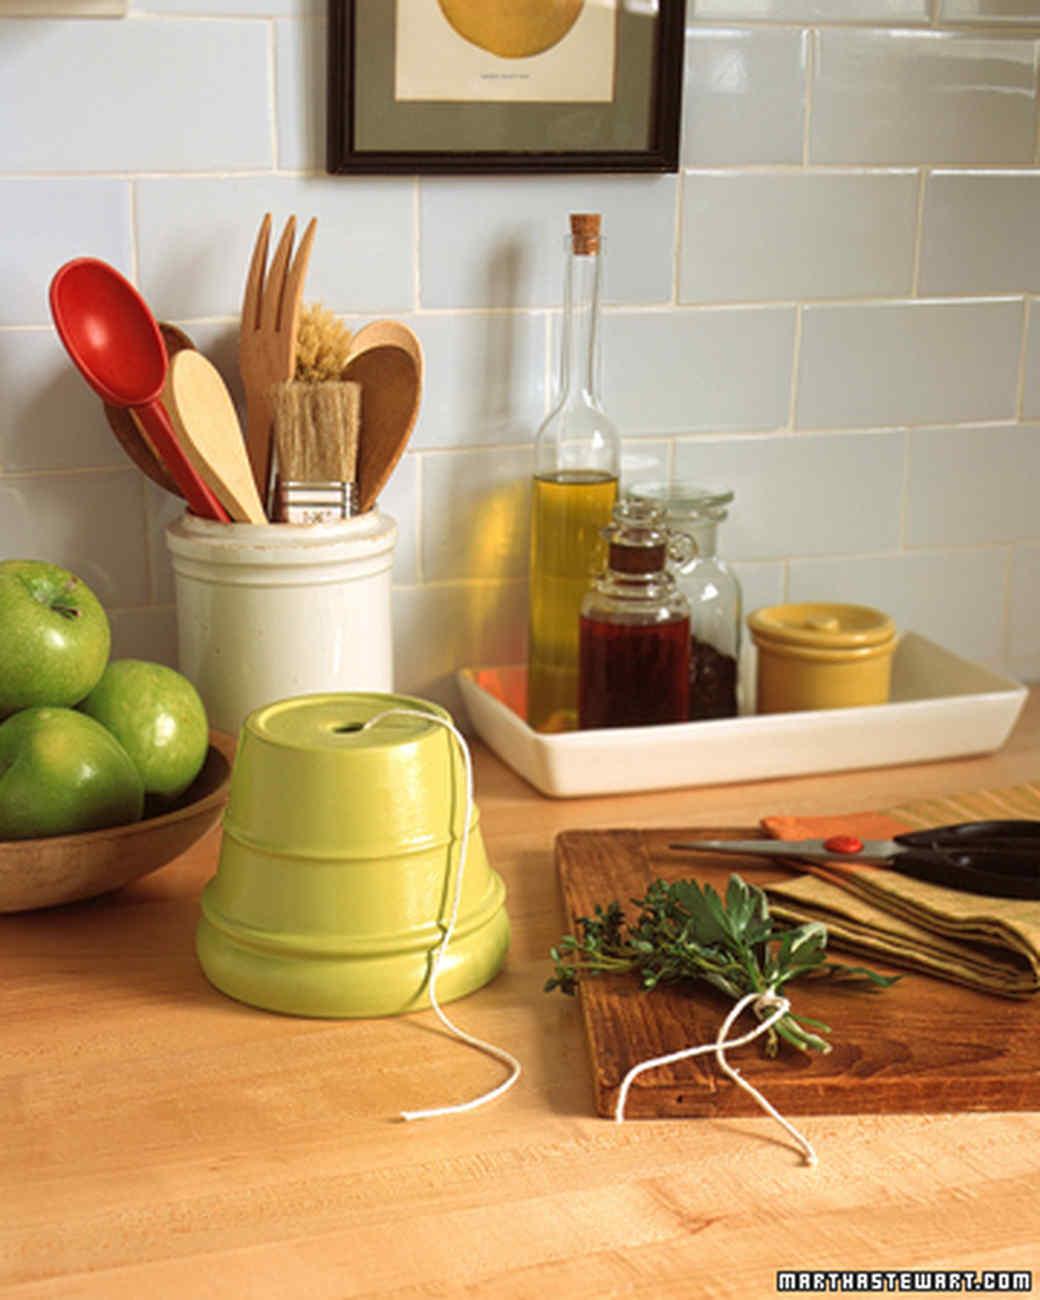 Kitchen Counter With Food kitchen organizers | martha stewart